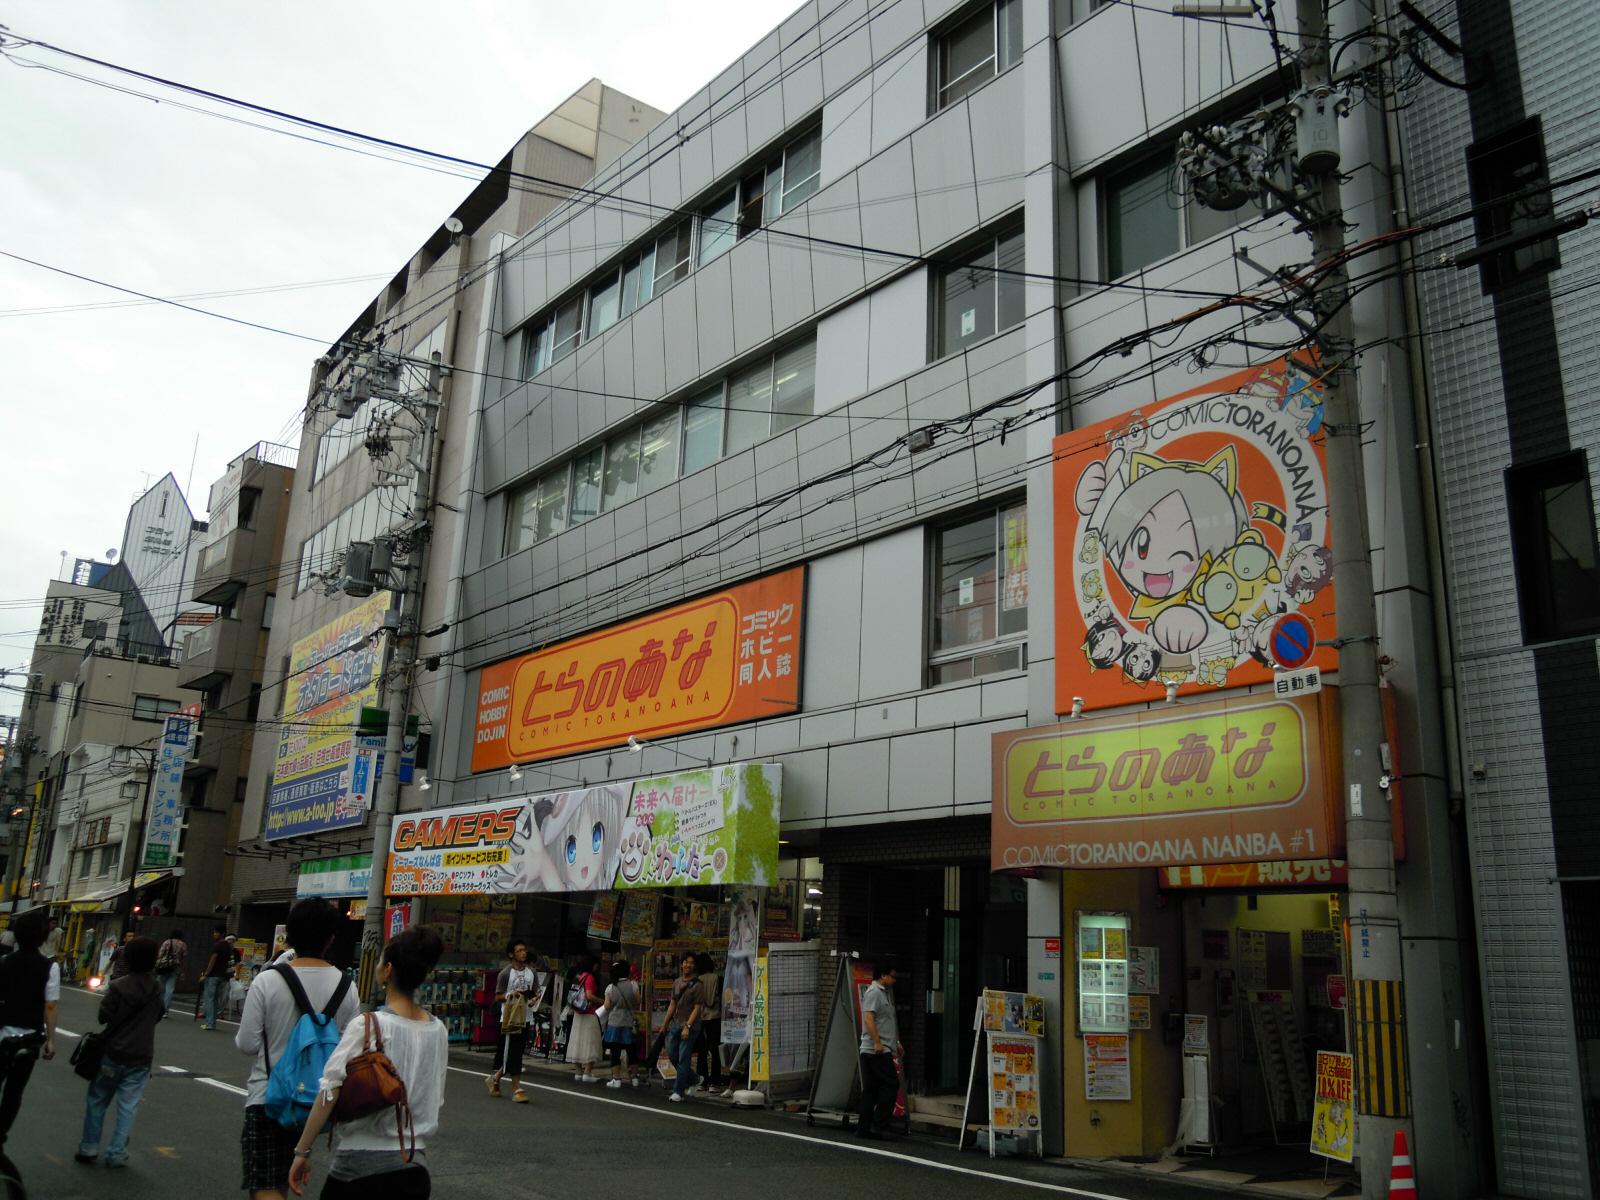 Japanese Police Thwart Potential Osaka Stabbing